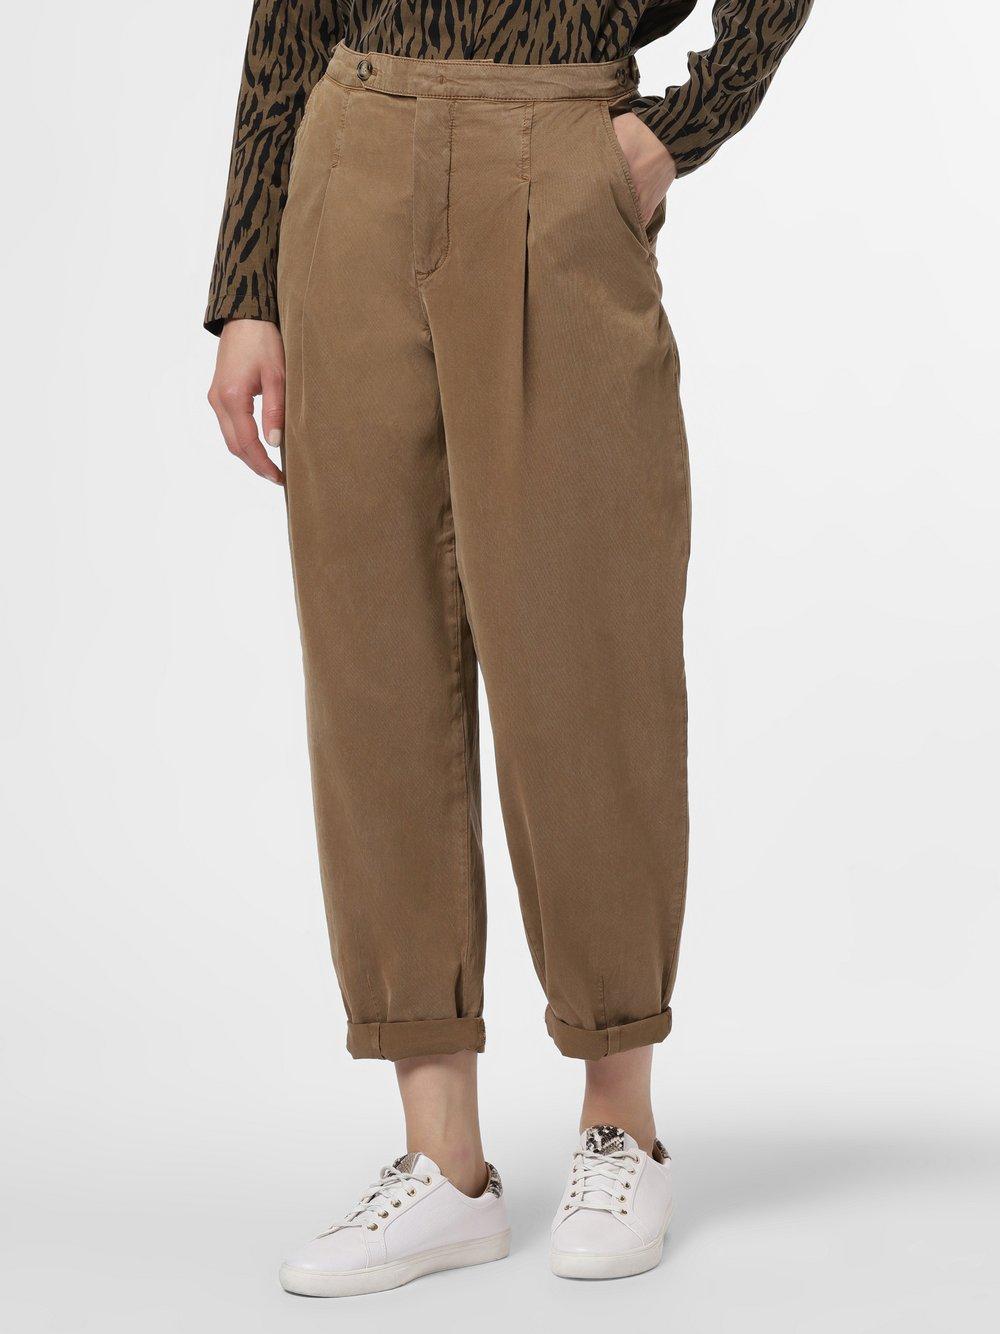 SET – Spodnie damskie, beżowy Van Graaf 479707-0001